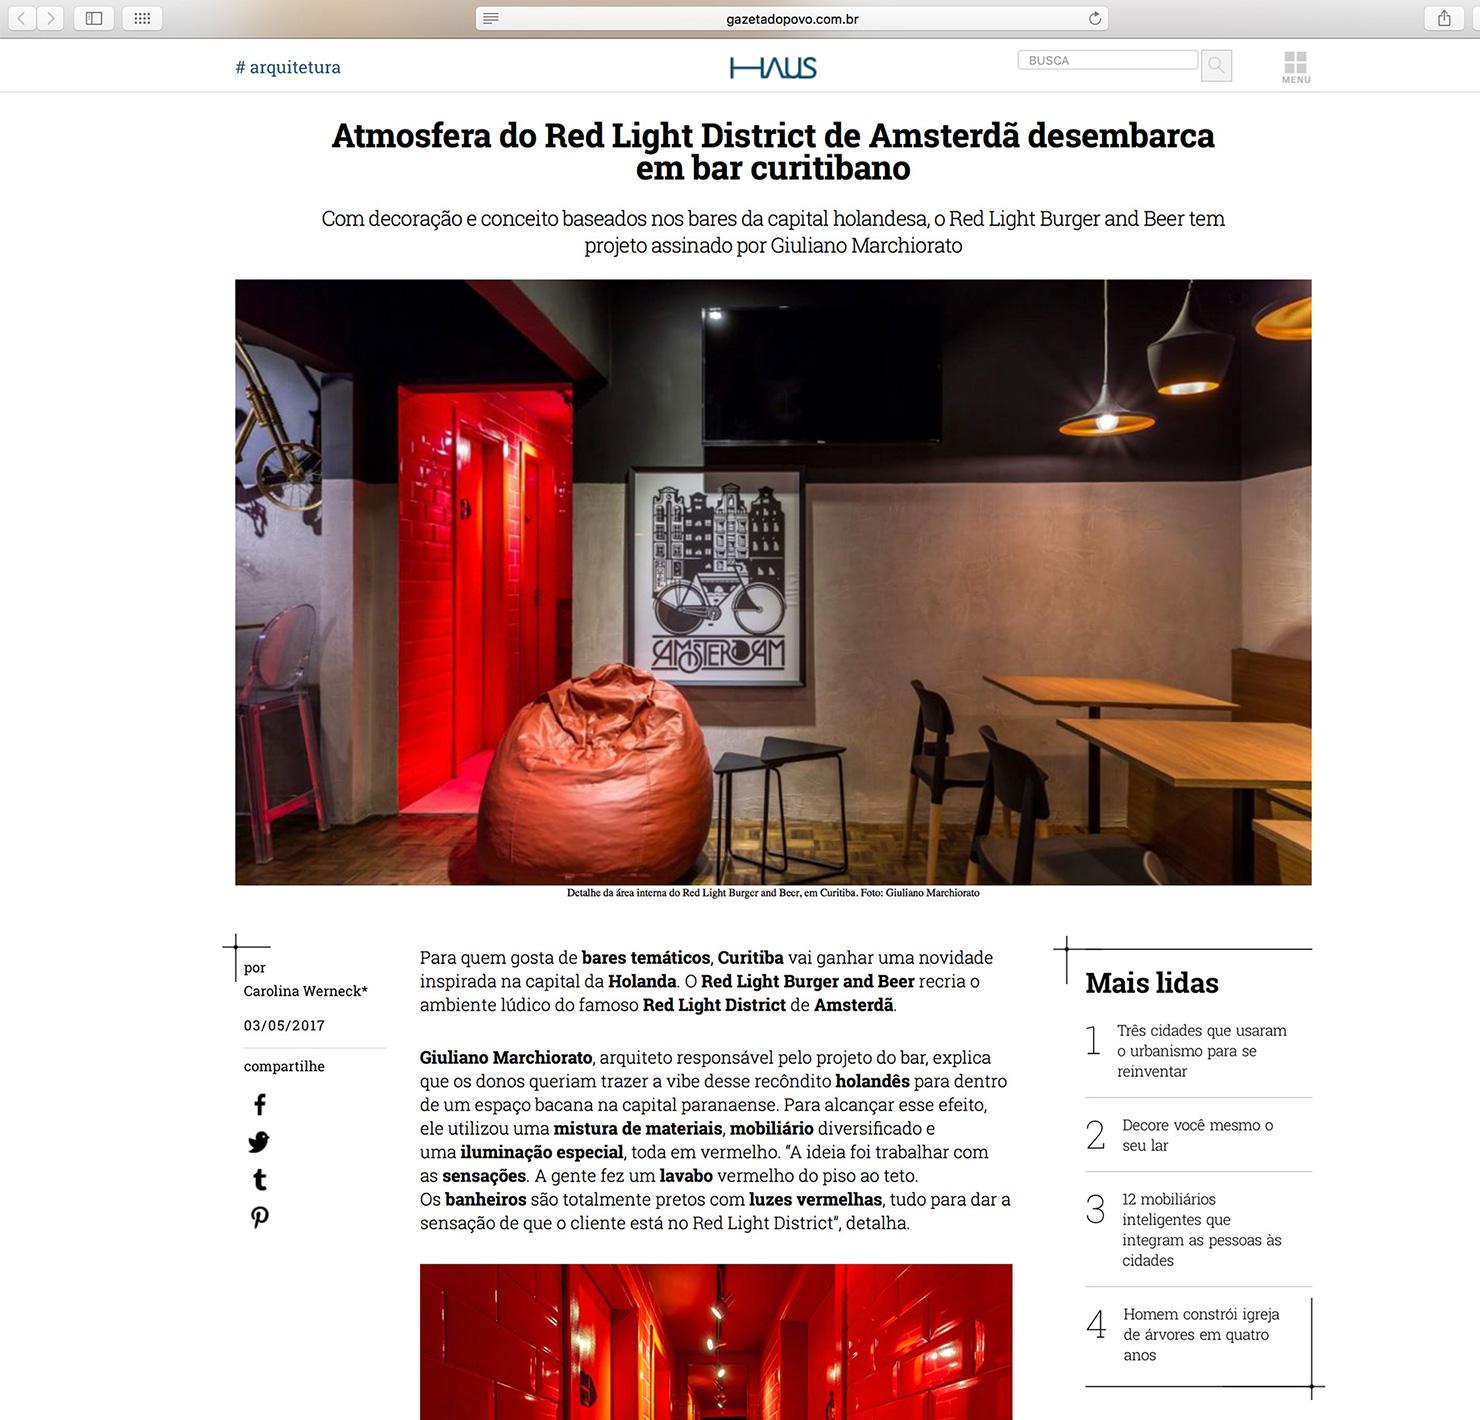 Red Light Burger & Beer  HAUS Gazeta do Povo |  Link